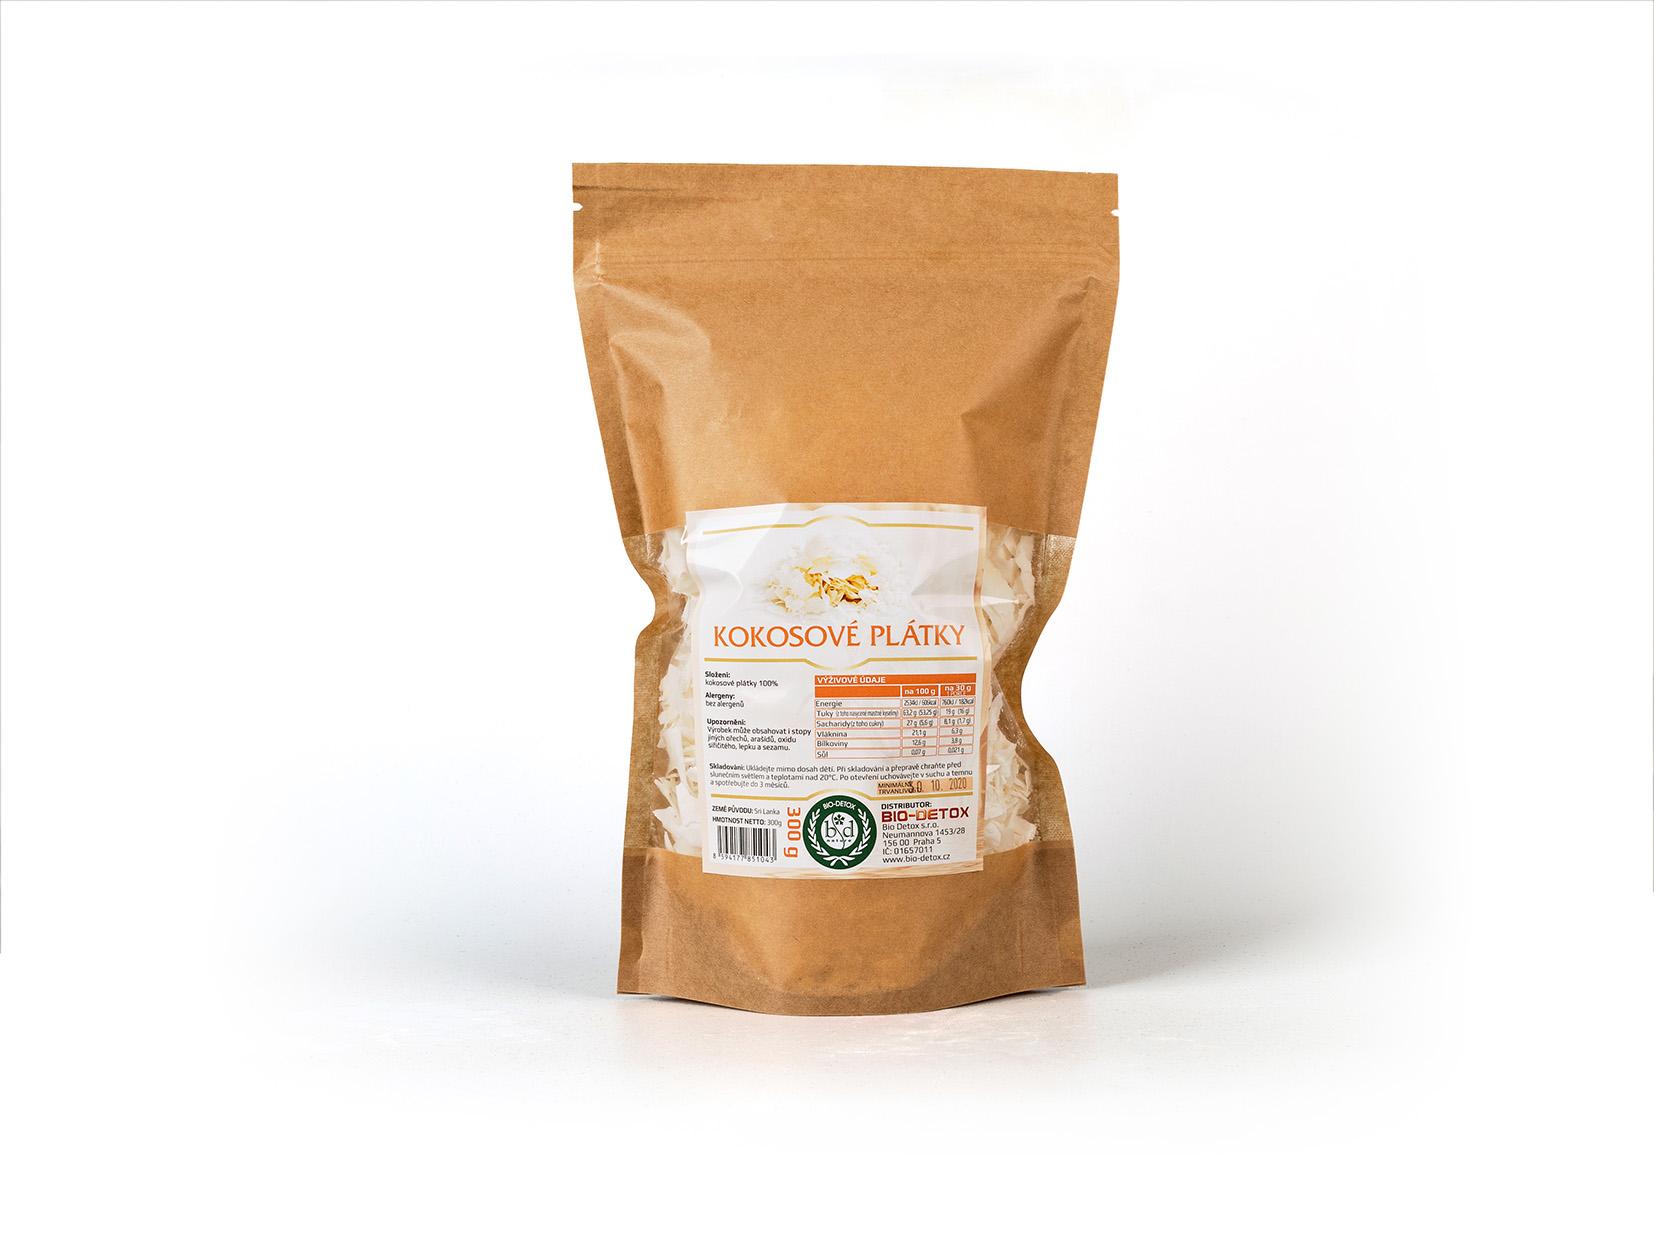 Bio-Detox Kokosové plátky 550g 10% zdarma